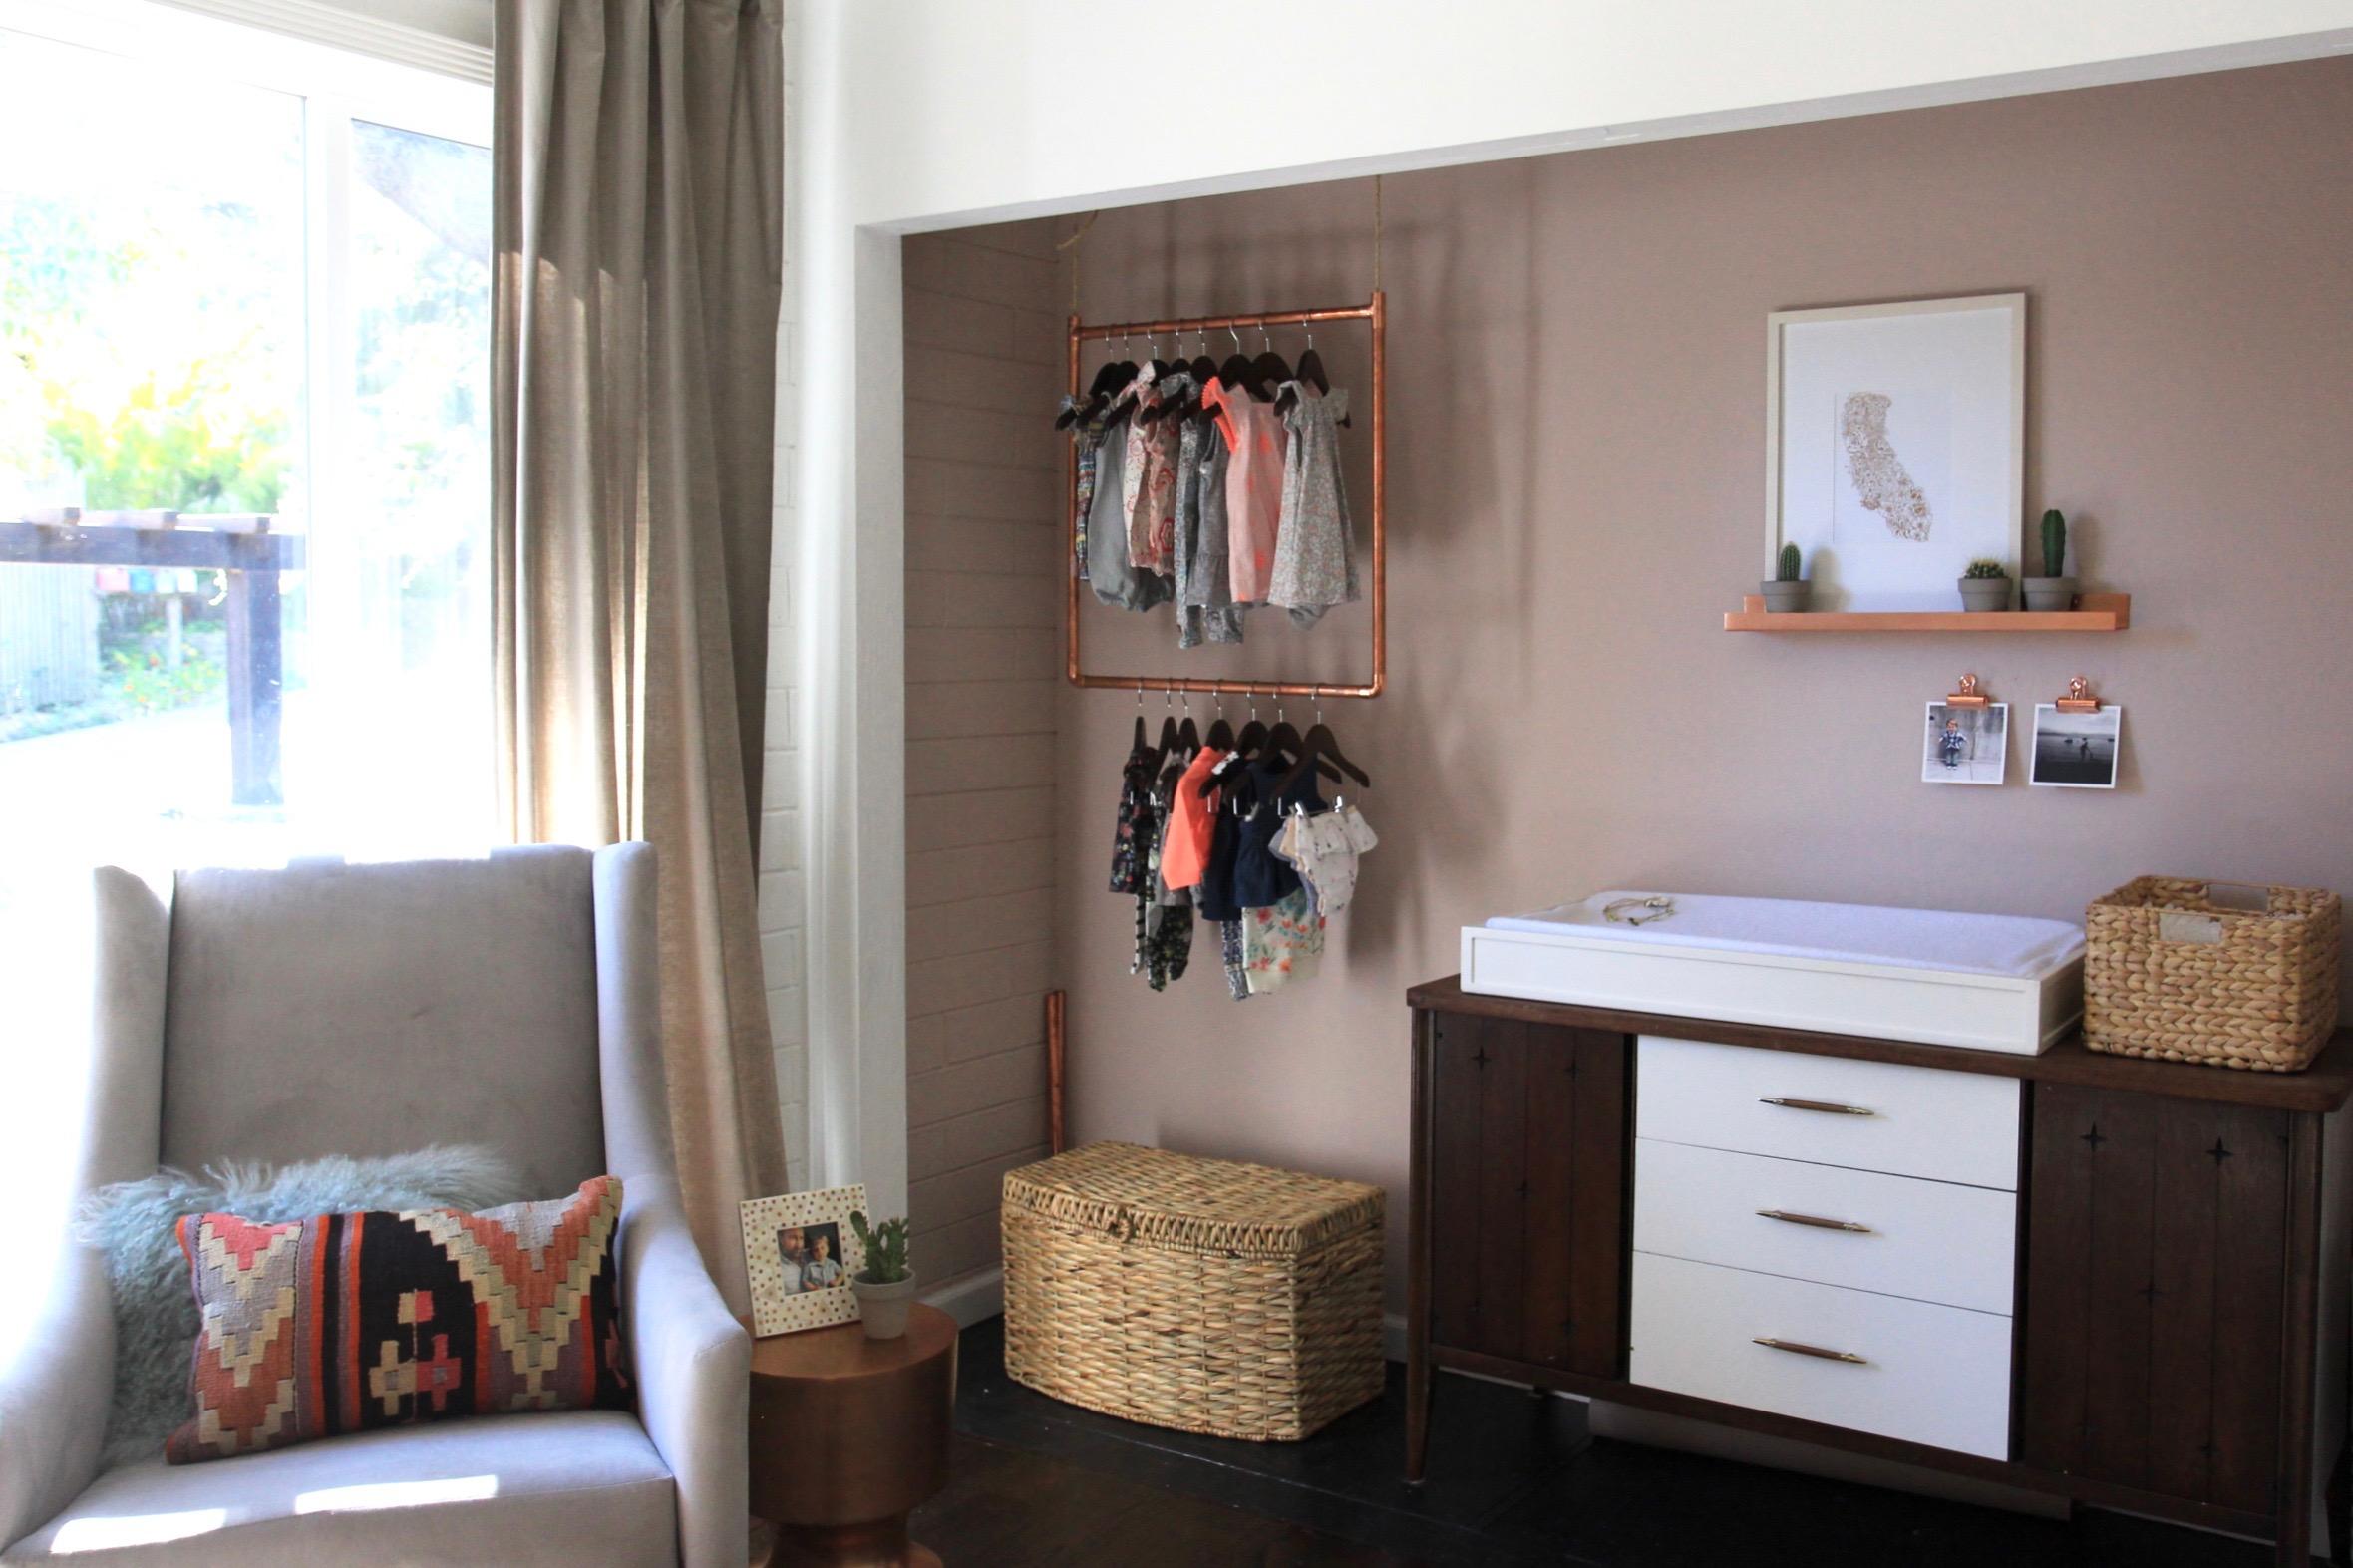 The closet nook.